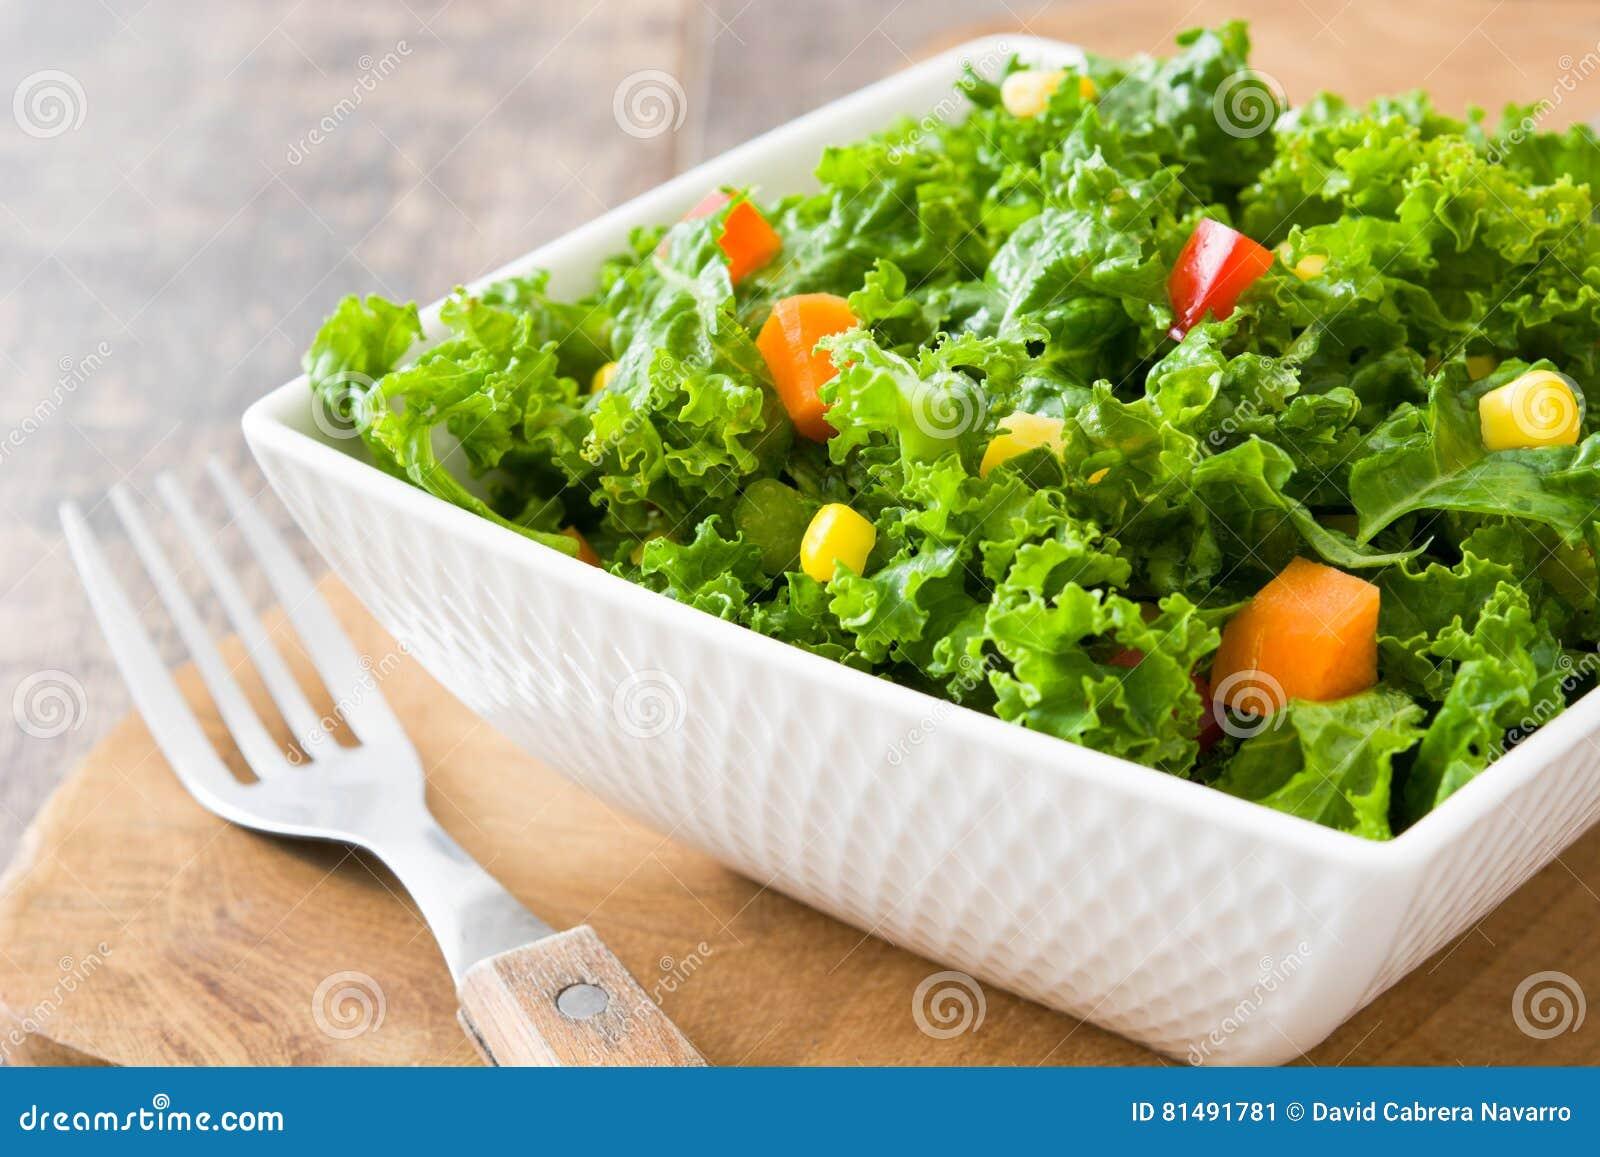 Kale sałatka w pucharze z marchewką, pieprzem i słodką kukurudzą,